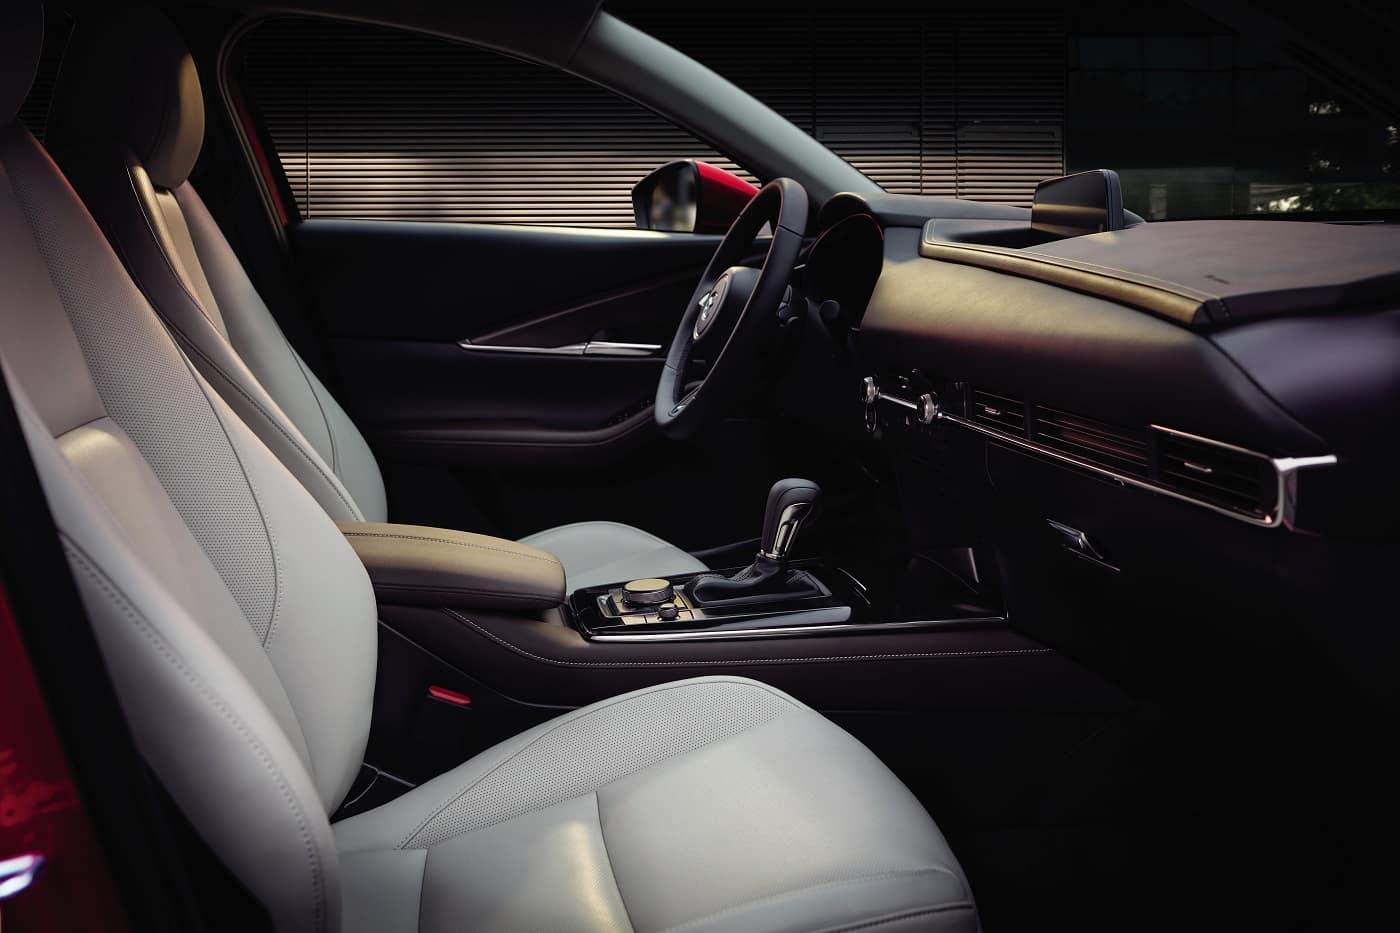 2020 Mazda CX-30 Interior Cabin